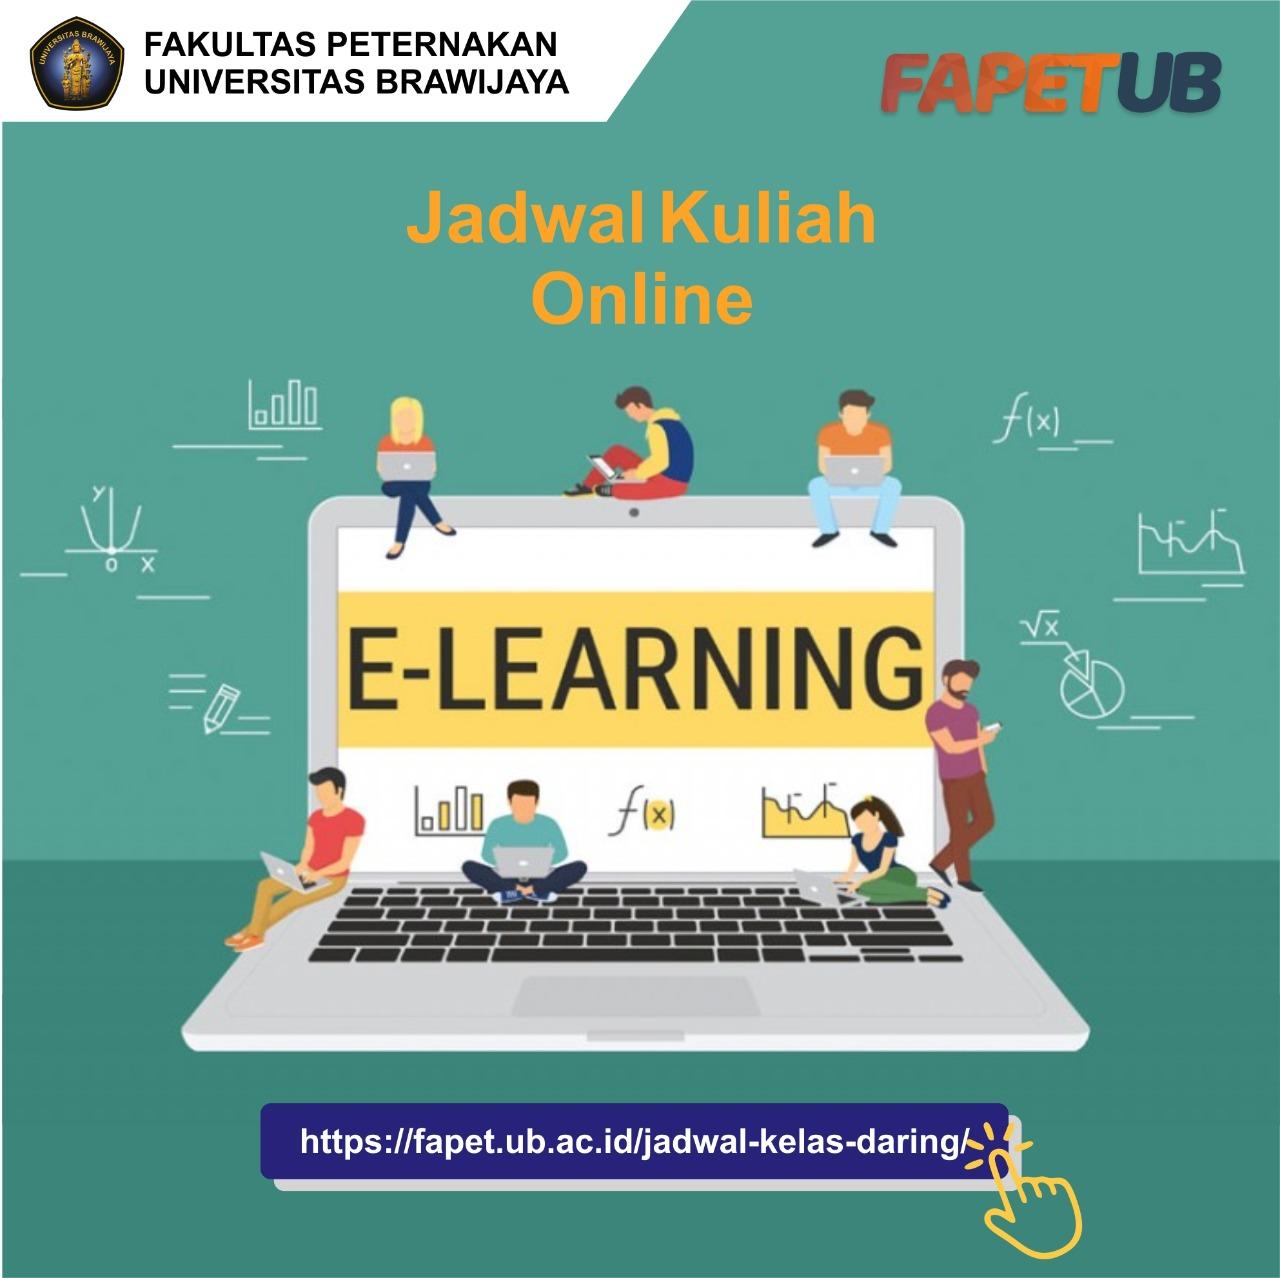 Jadwal Kuliah Online